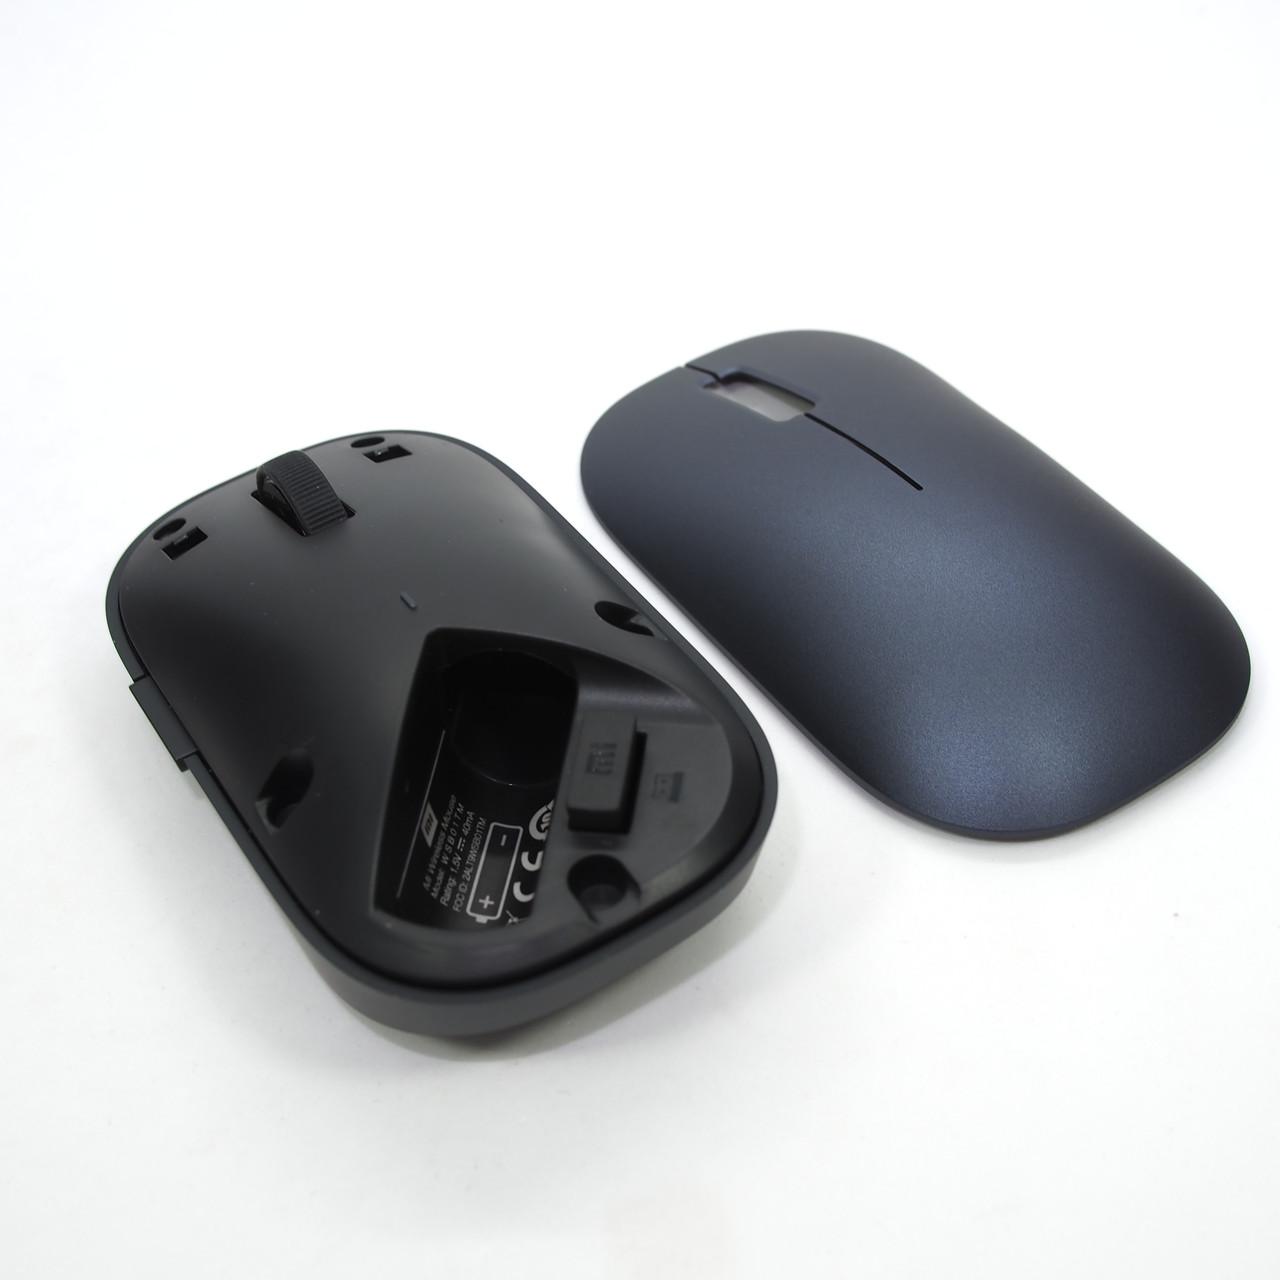 Компьютерные мыши и трекболы Xiaomi Mi Wireless Mouse black Беспроводное USB 2.0 Поликарбонат Стекло Windows